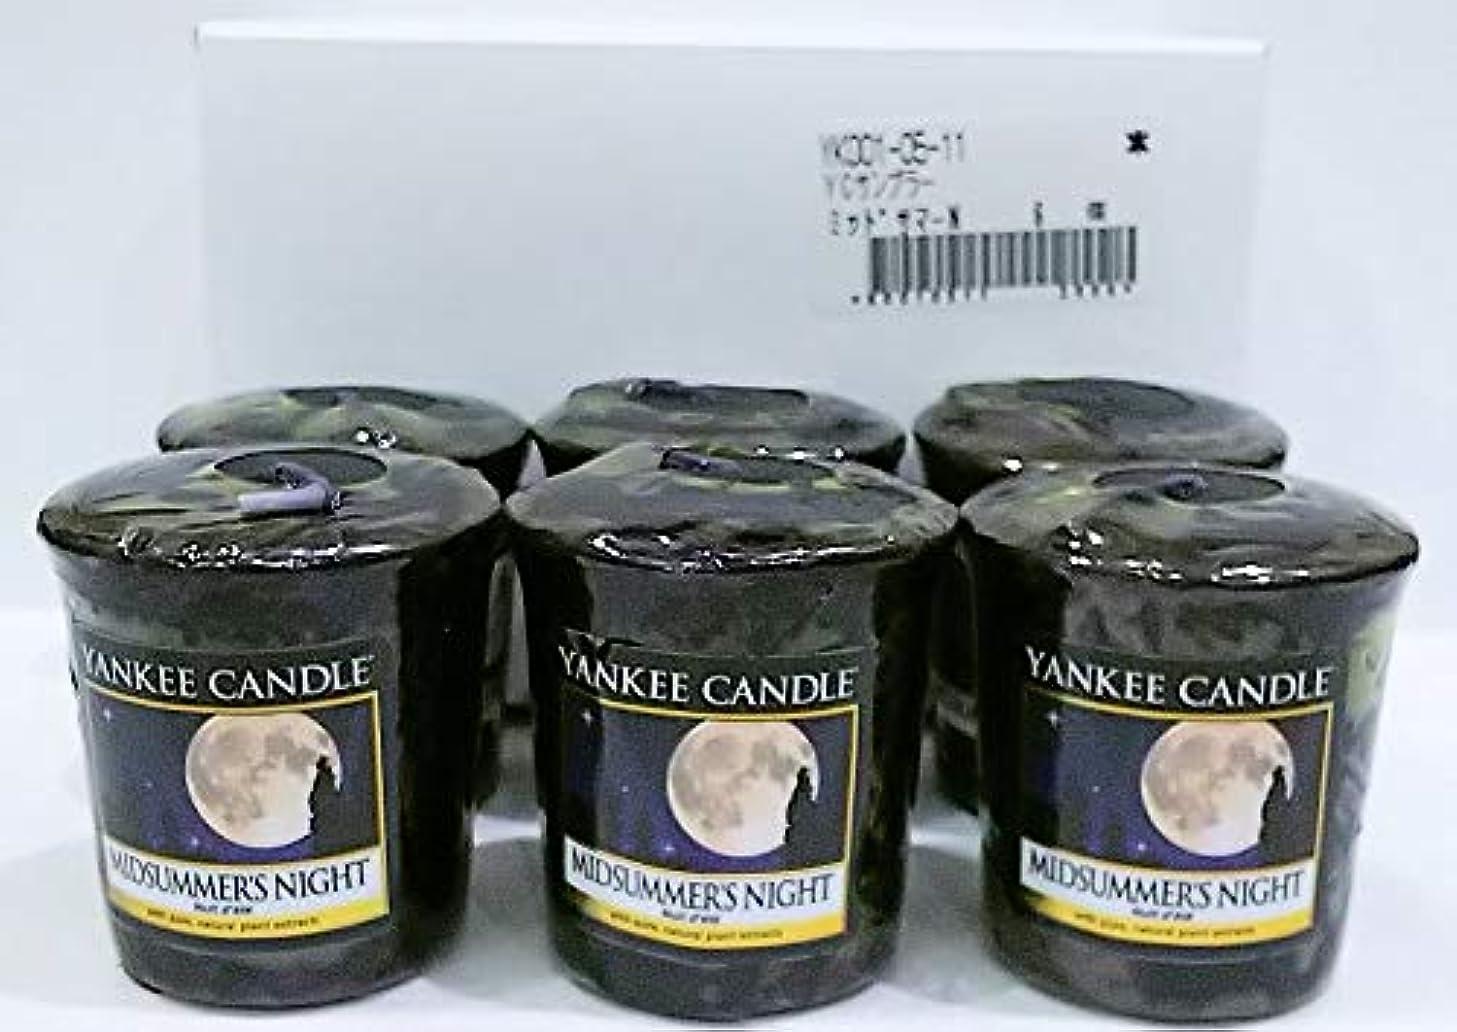 ヤンキーキャンドル サンプラー お試しサイズ ミッドサマーズナイト 6個セット 燃焼時間約15時間 YANKEECANDLE アメリカ製